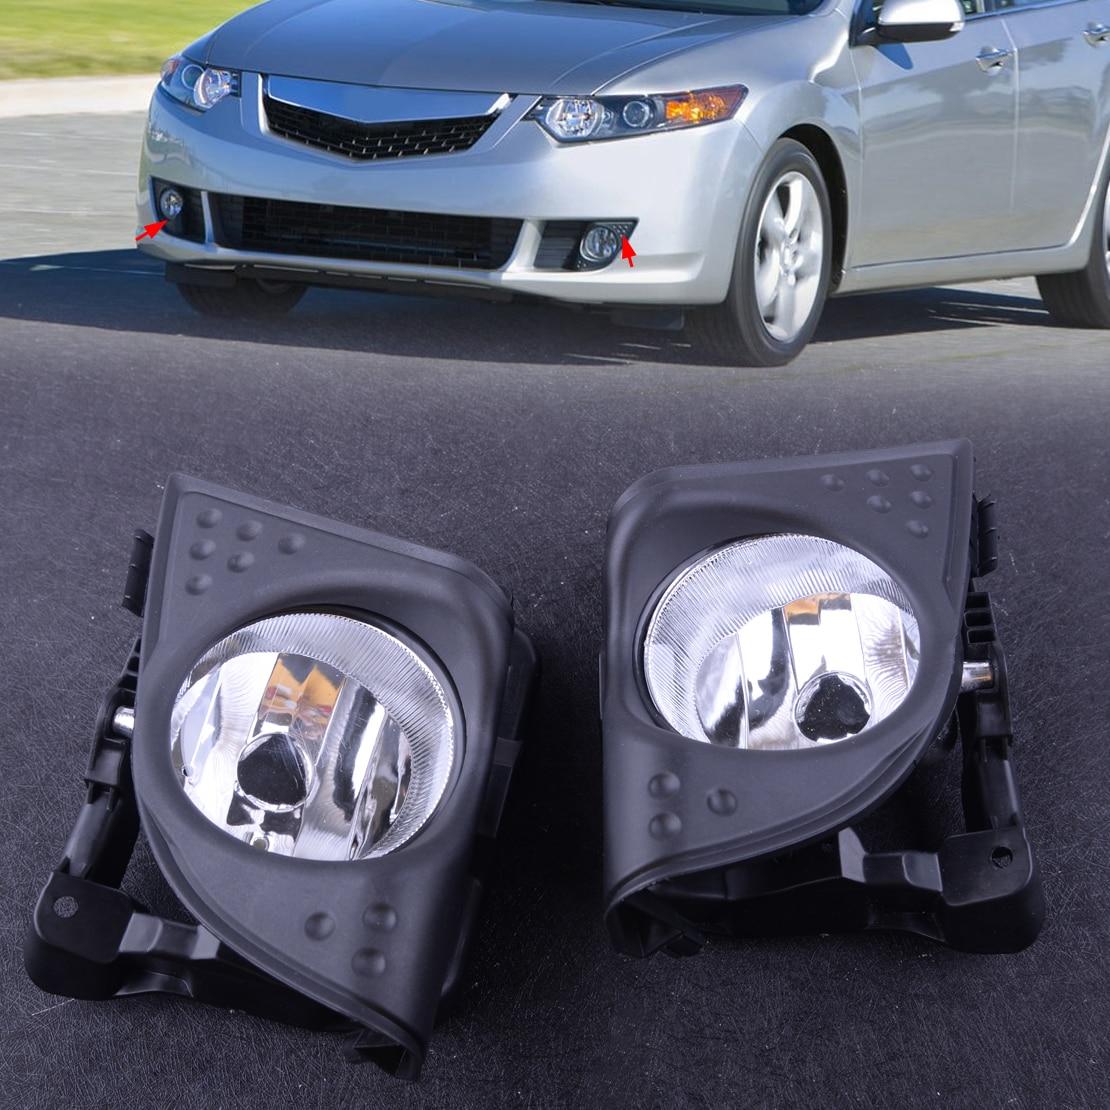 DWCX 1 paire voiture gauche droite avant brouillard conduite lampe couvercle garniture cadre 33900TL0A01 33950TL0A01 Fit pour Acura TSX 2009 2010